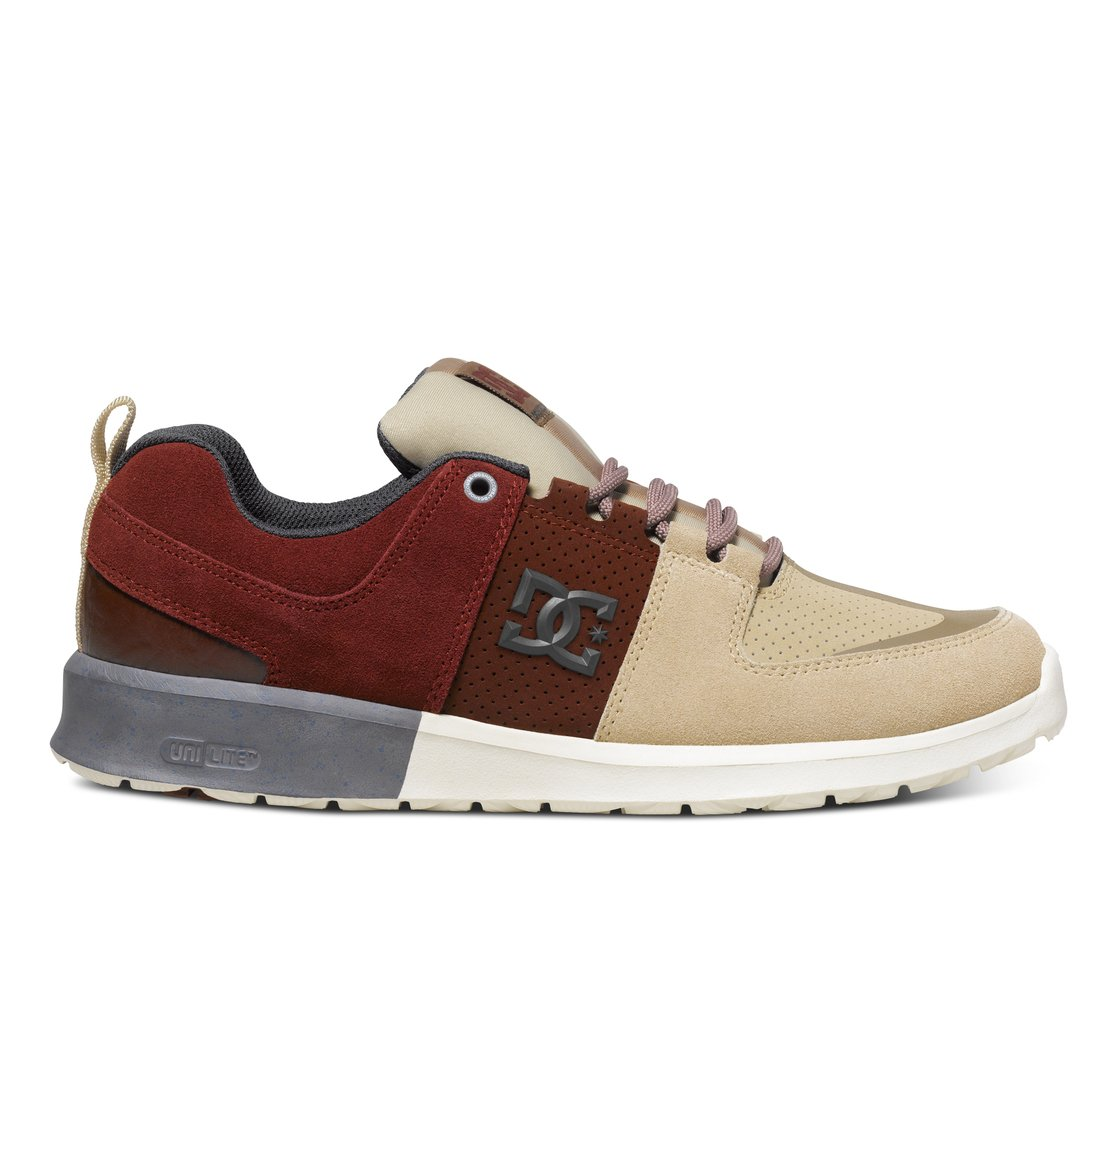 Lynx Mens Shoes